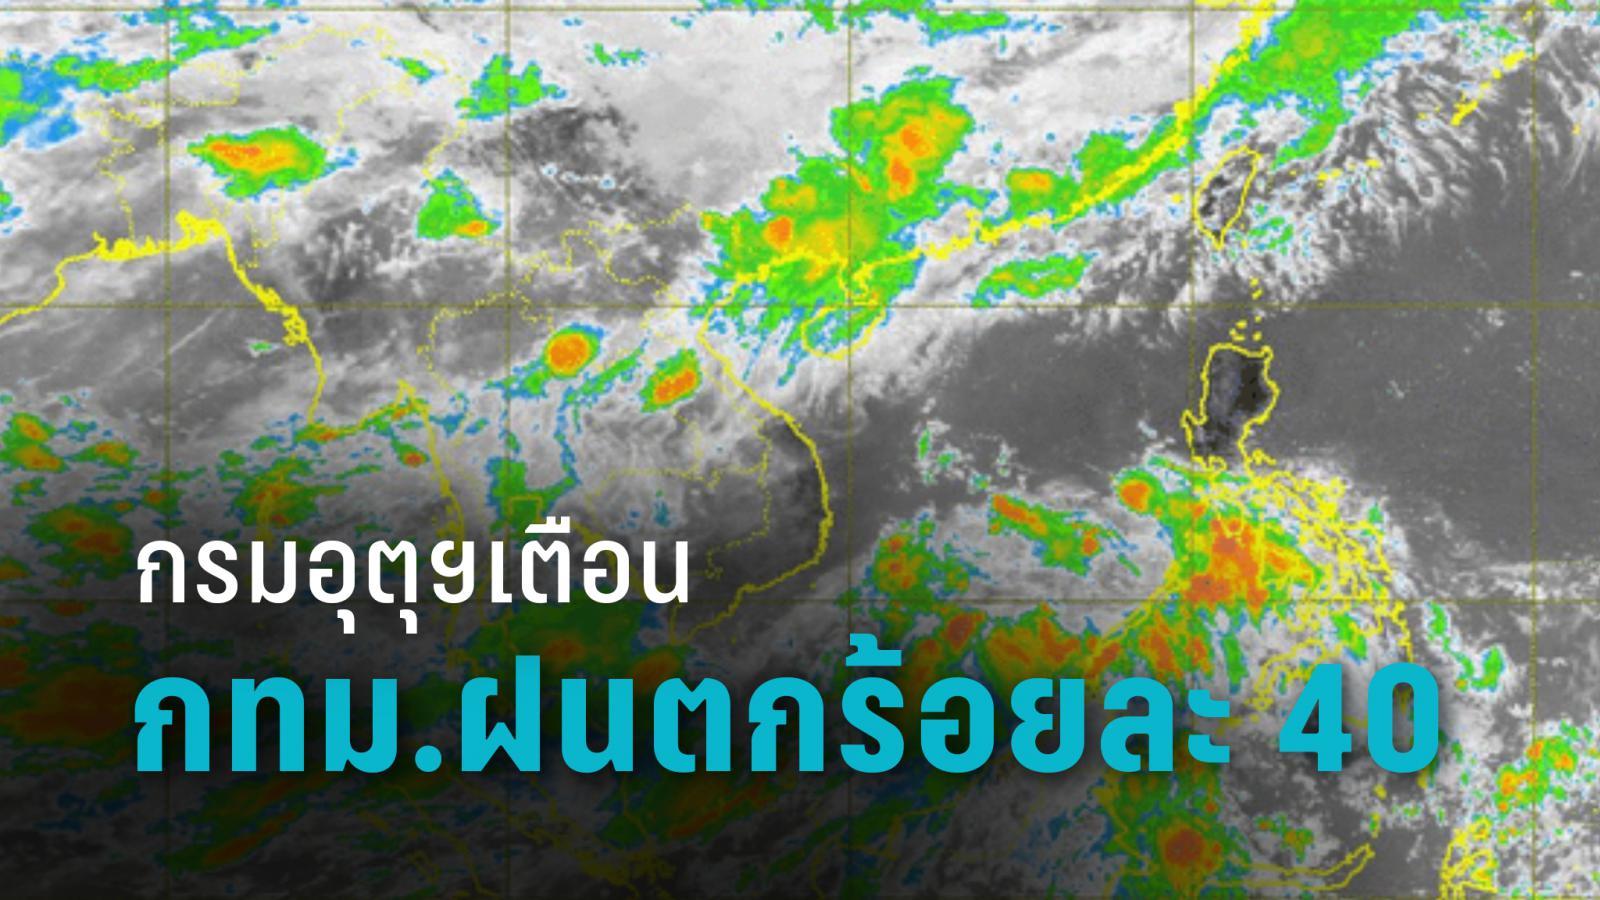 อุตุฯ เผย กรุงเทพฯมีฝนฟ้าคะนองร้อยละ 40 ของพื้นที่